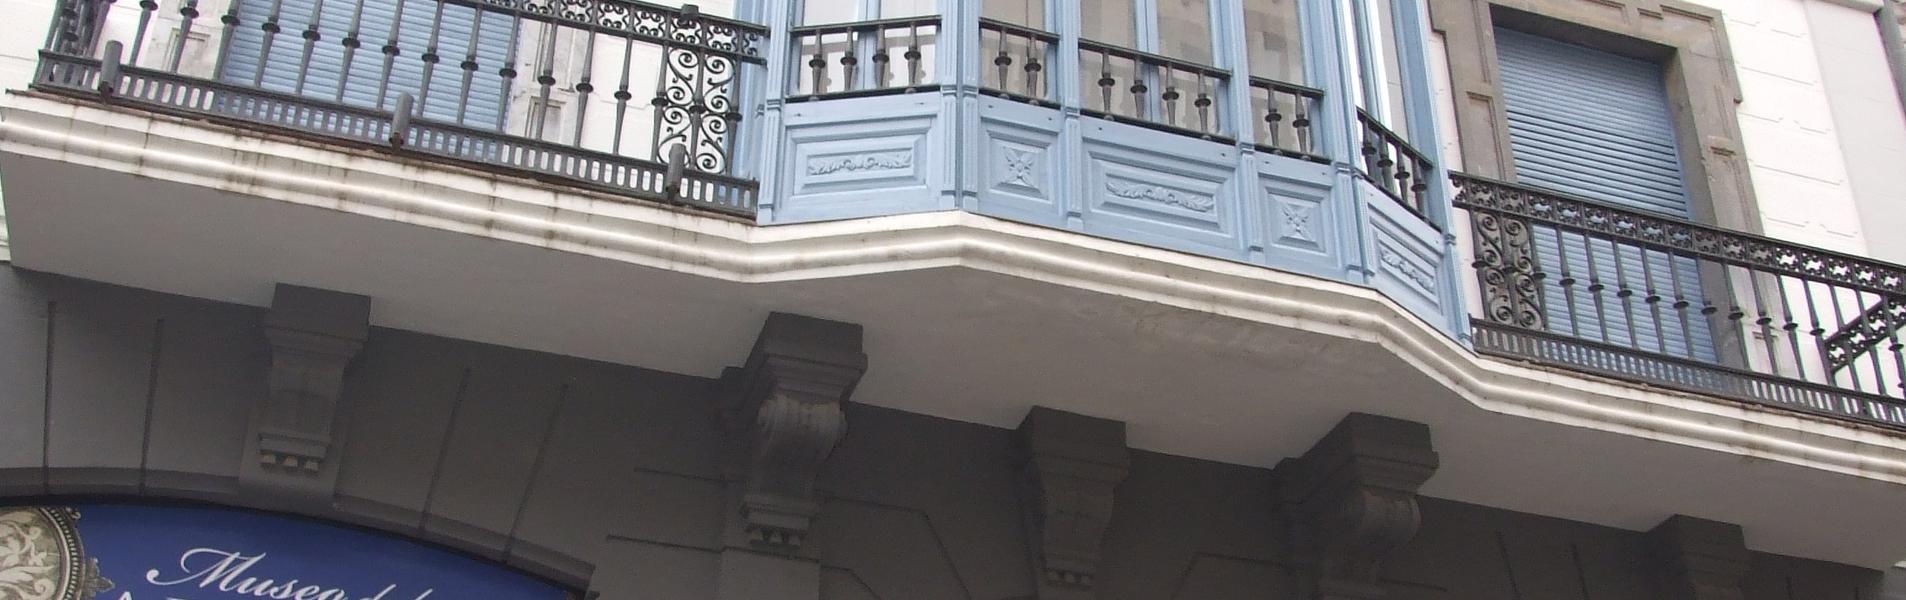 Museo de las Alhajas